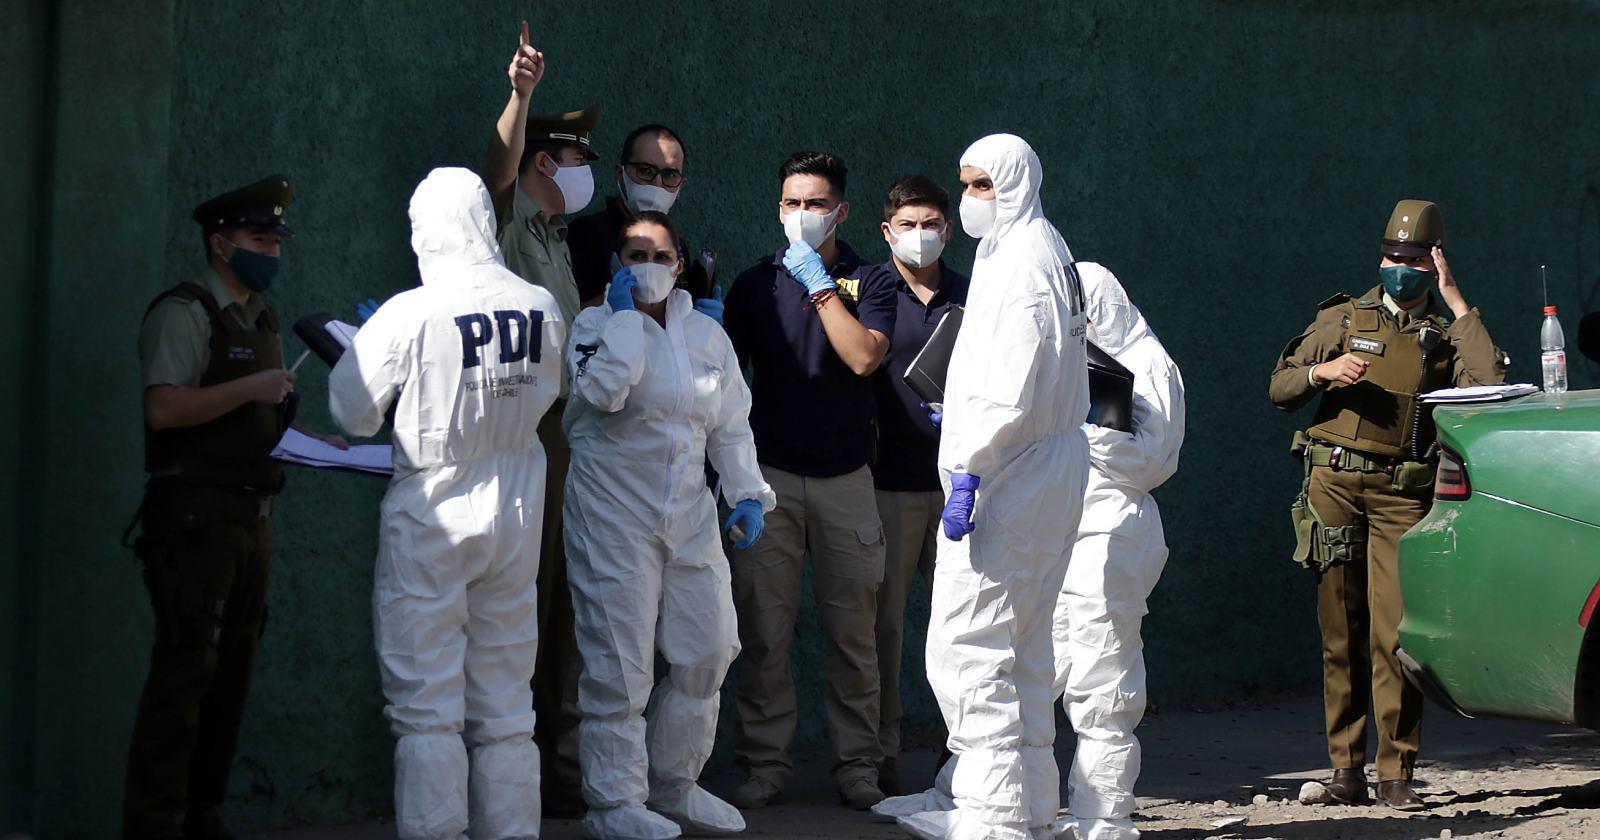 Encuentran a joven de 23 años amarrada e inconsciente en Pudahuel